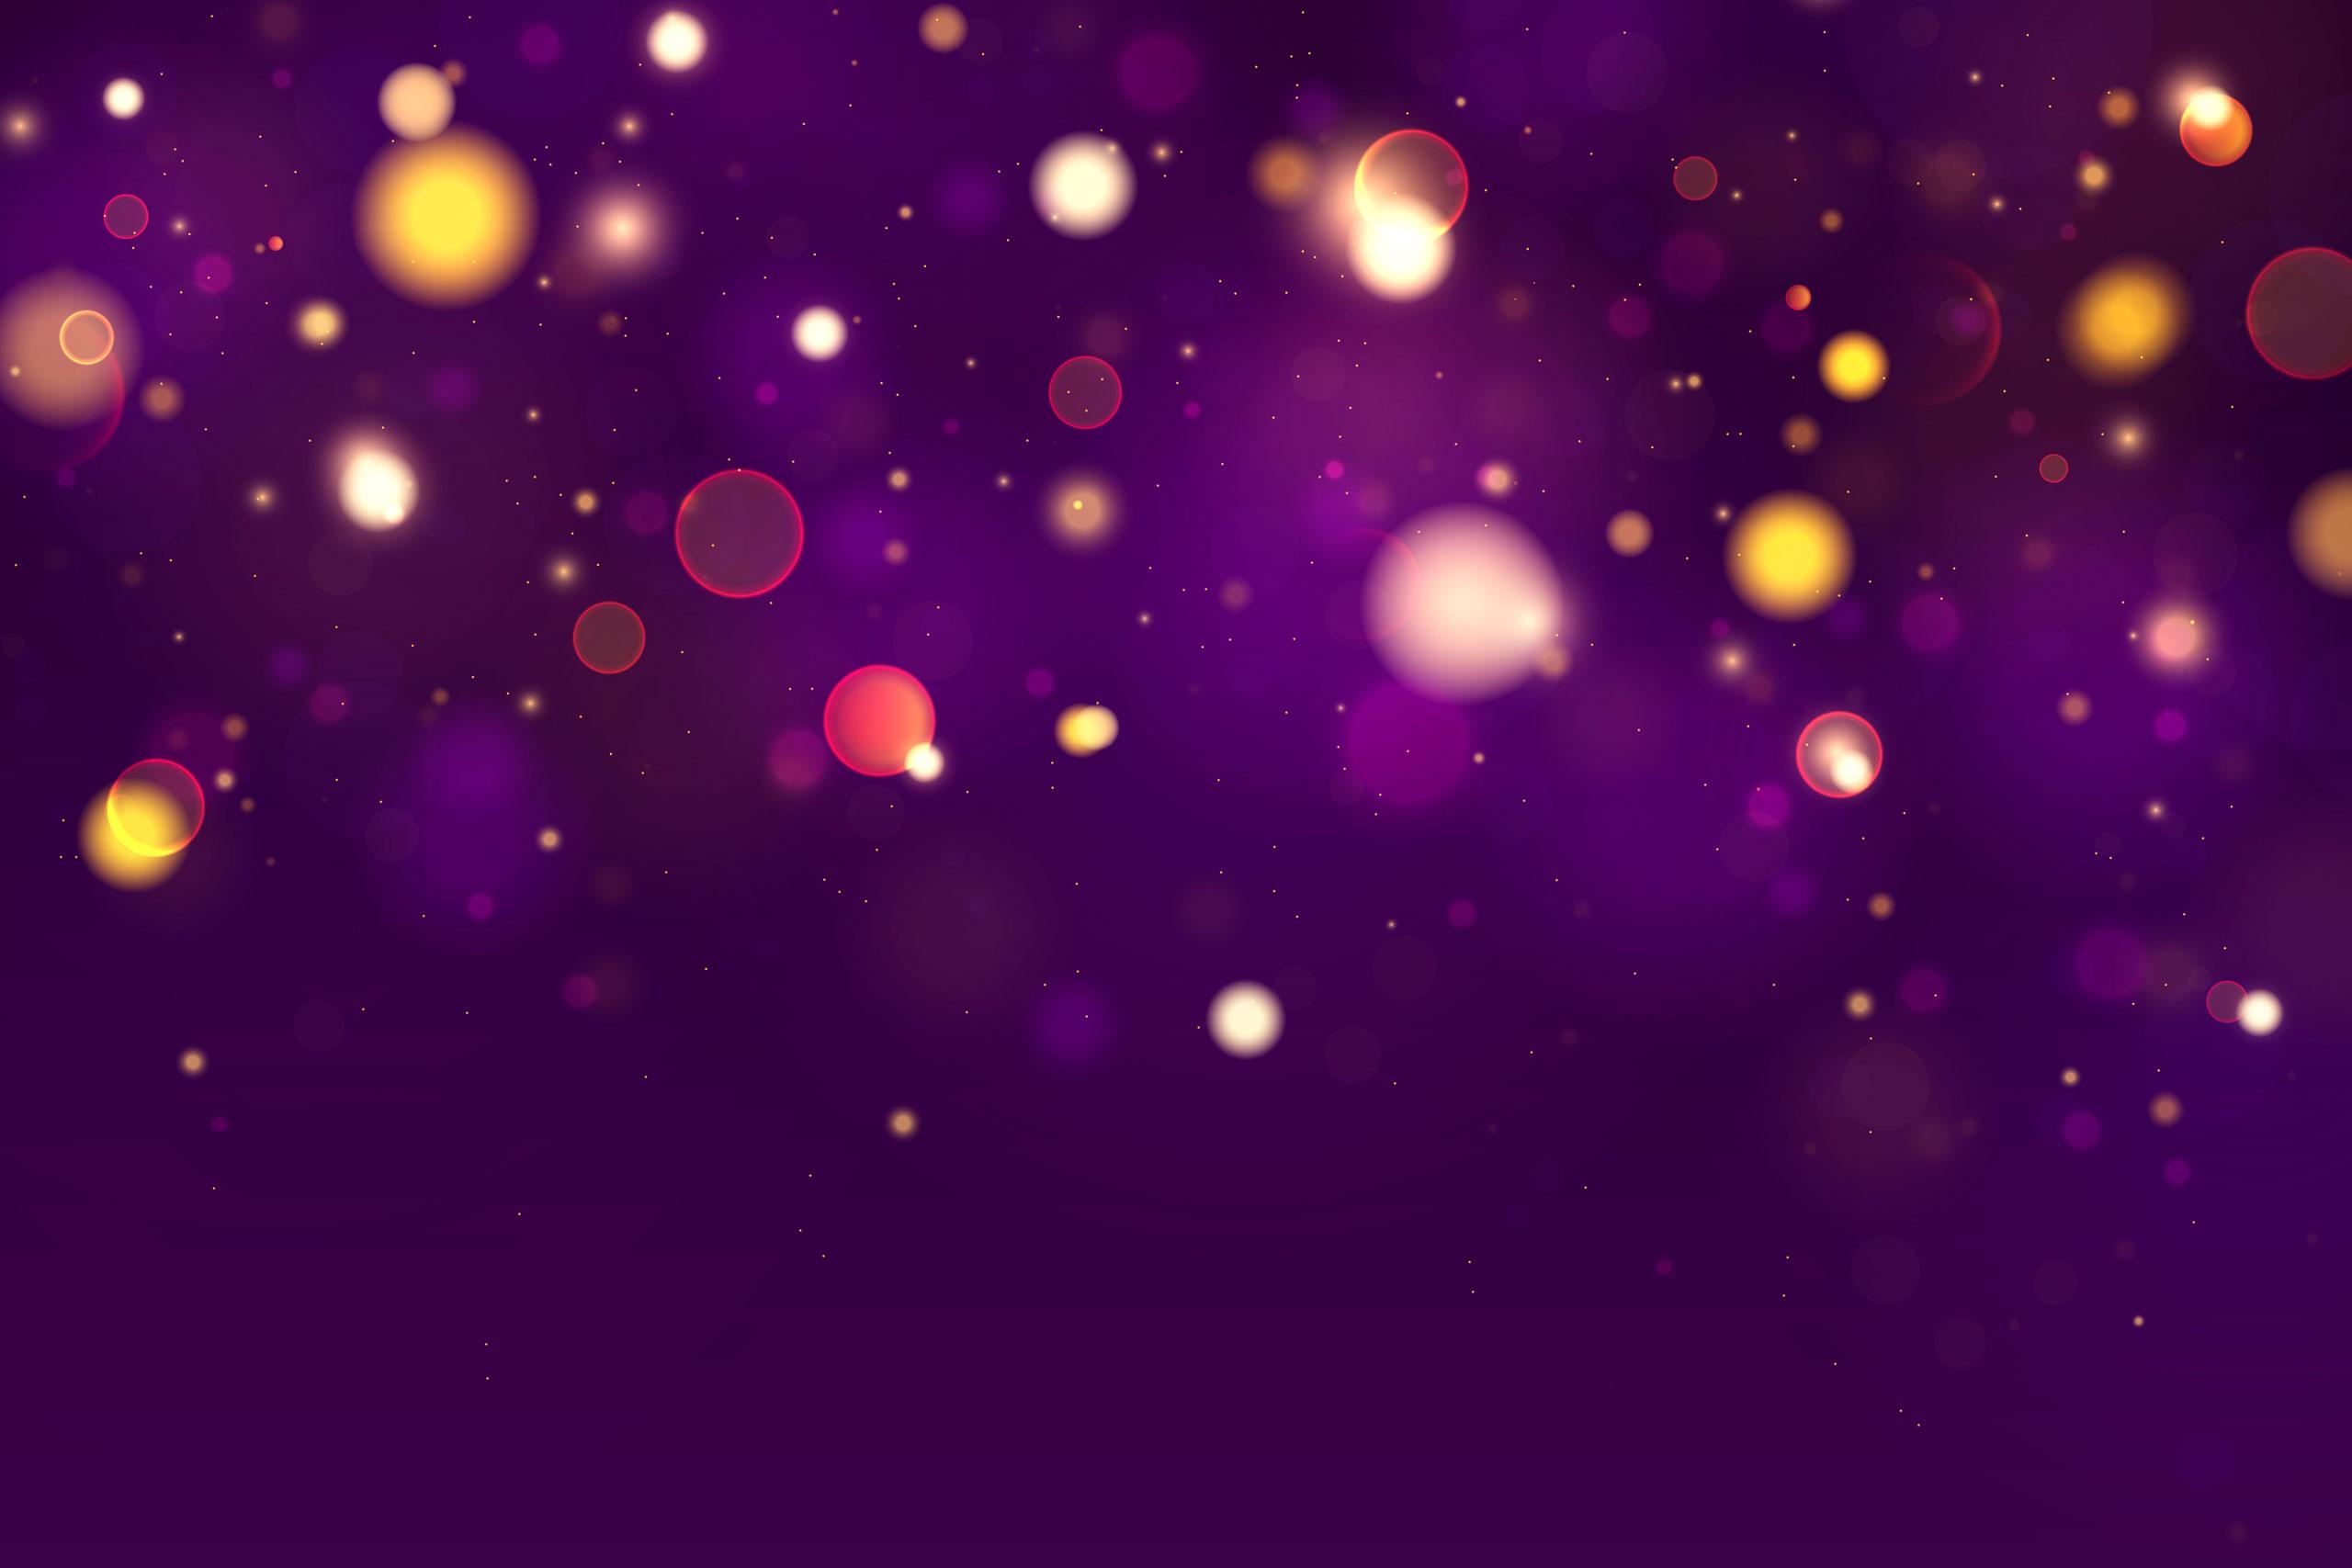 Картинка фиолетовый фон для фотошопа с круглыми светящимися бликами